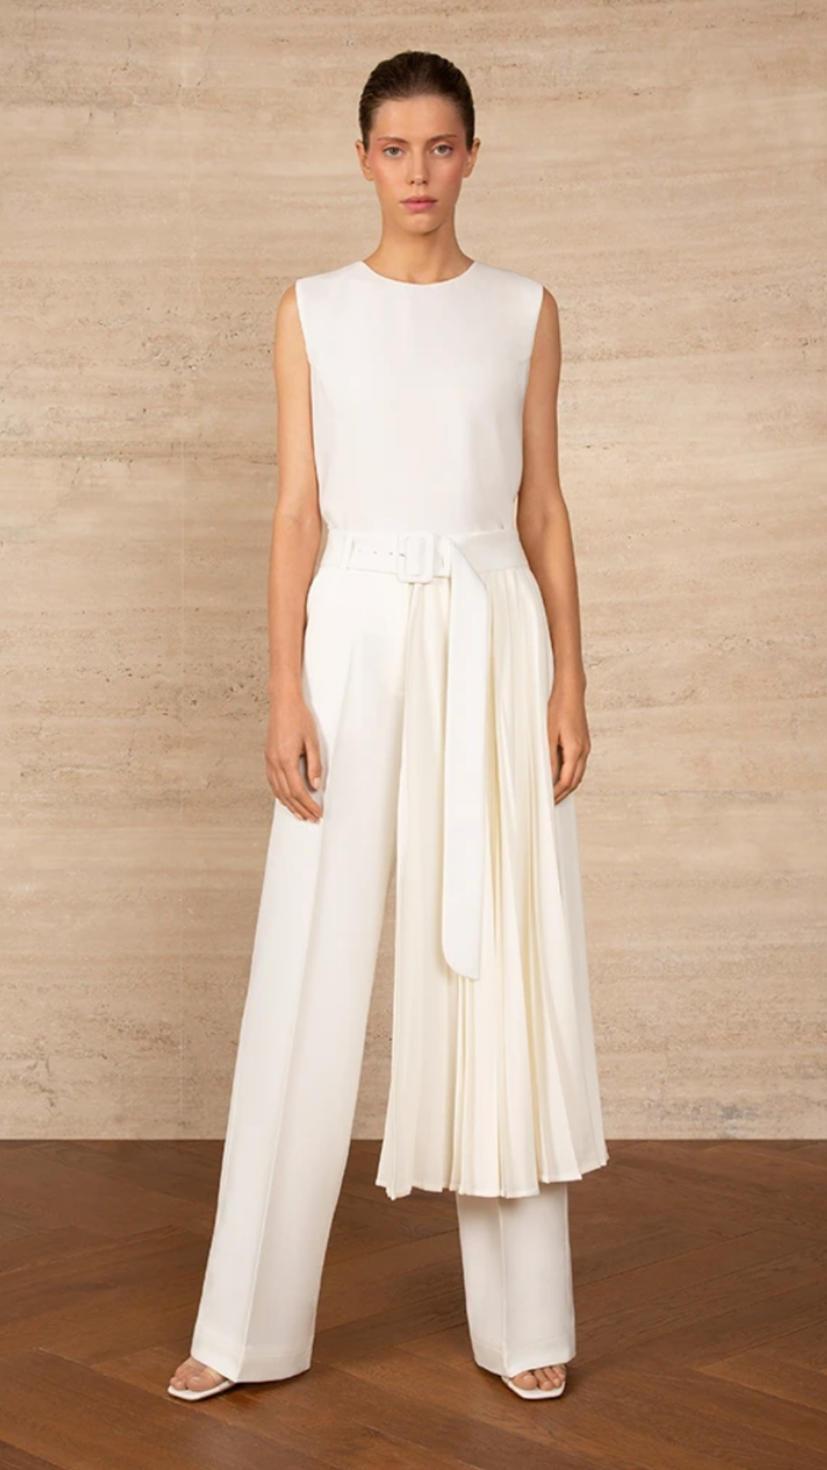 White dresses, White summer dresses, Alternative Wedding Dresses